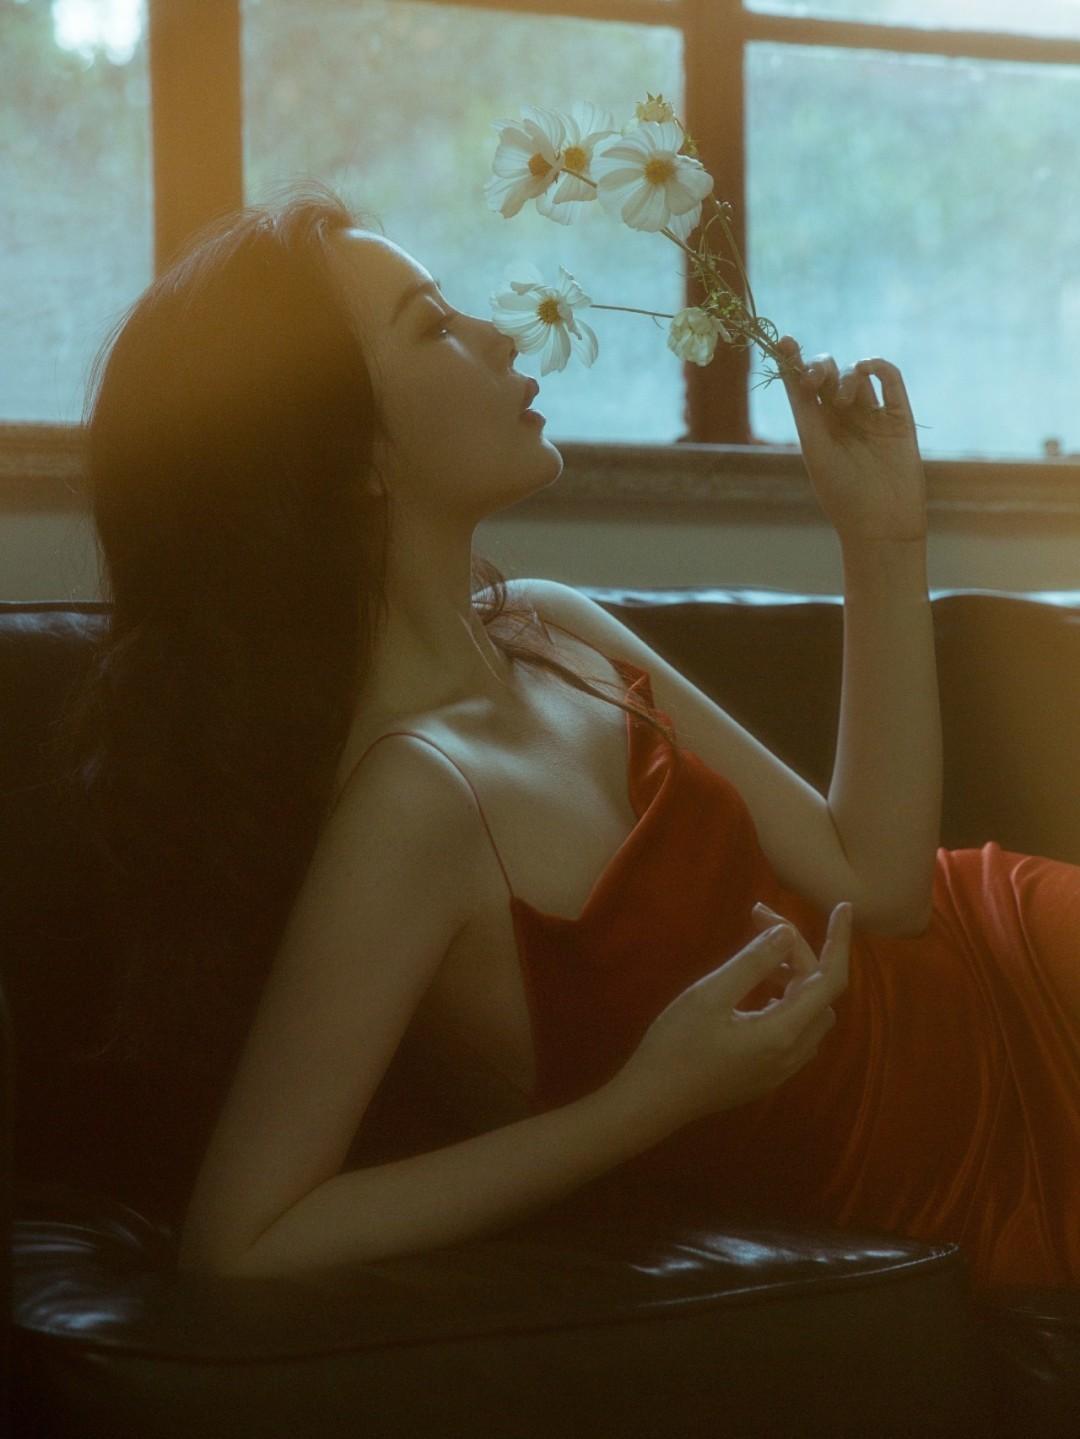 朦胧的美感🌹红色的浪漫与撩人